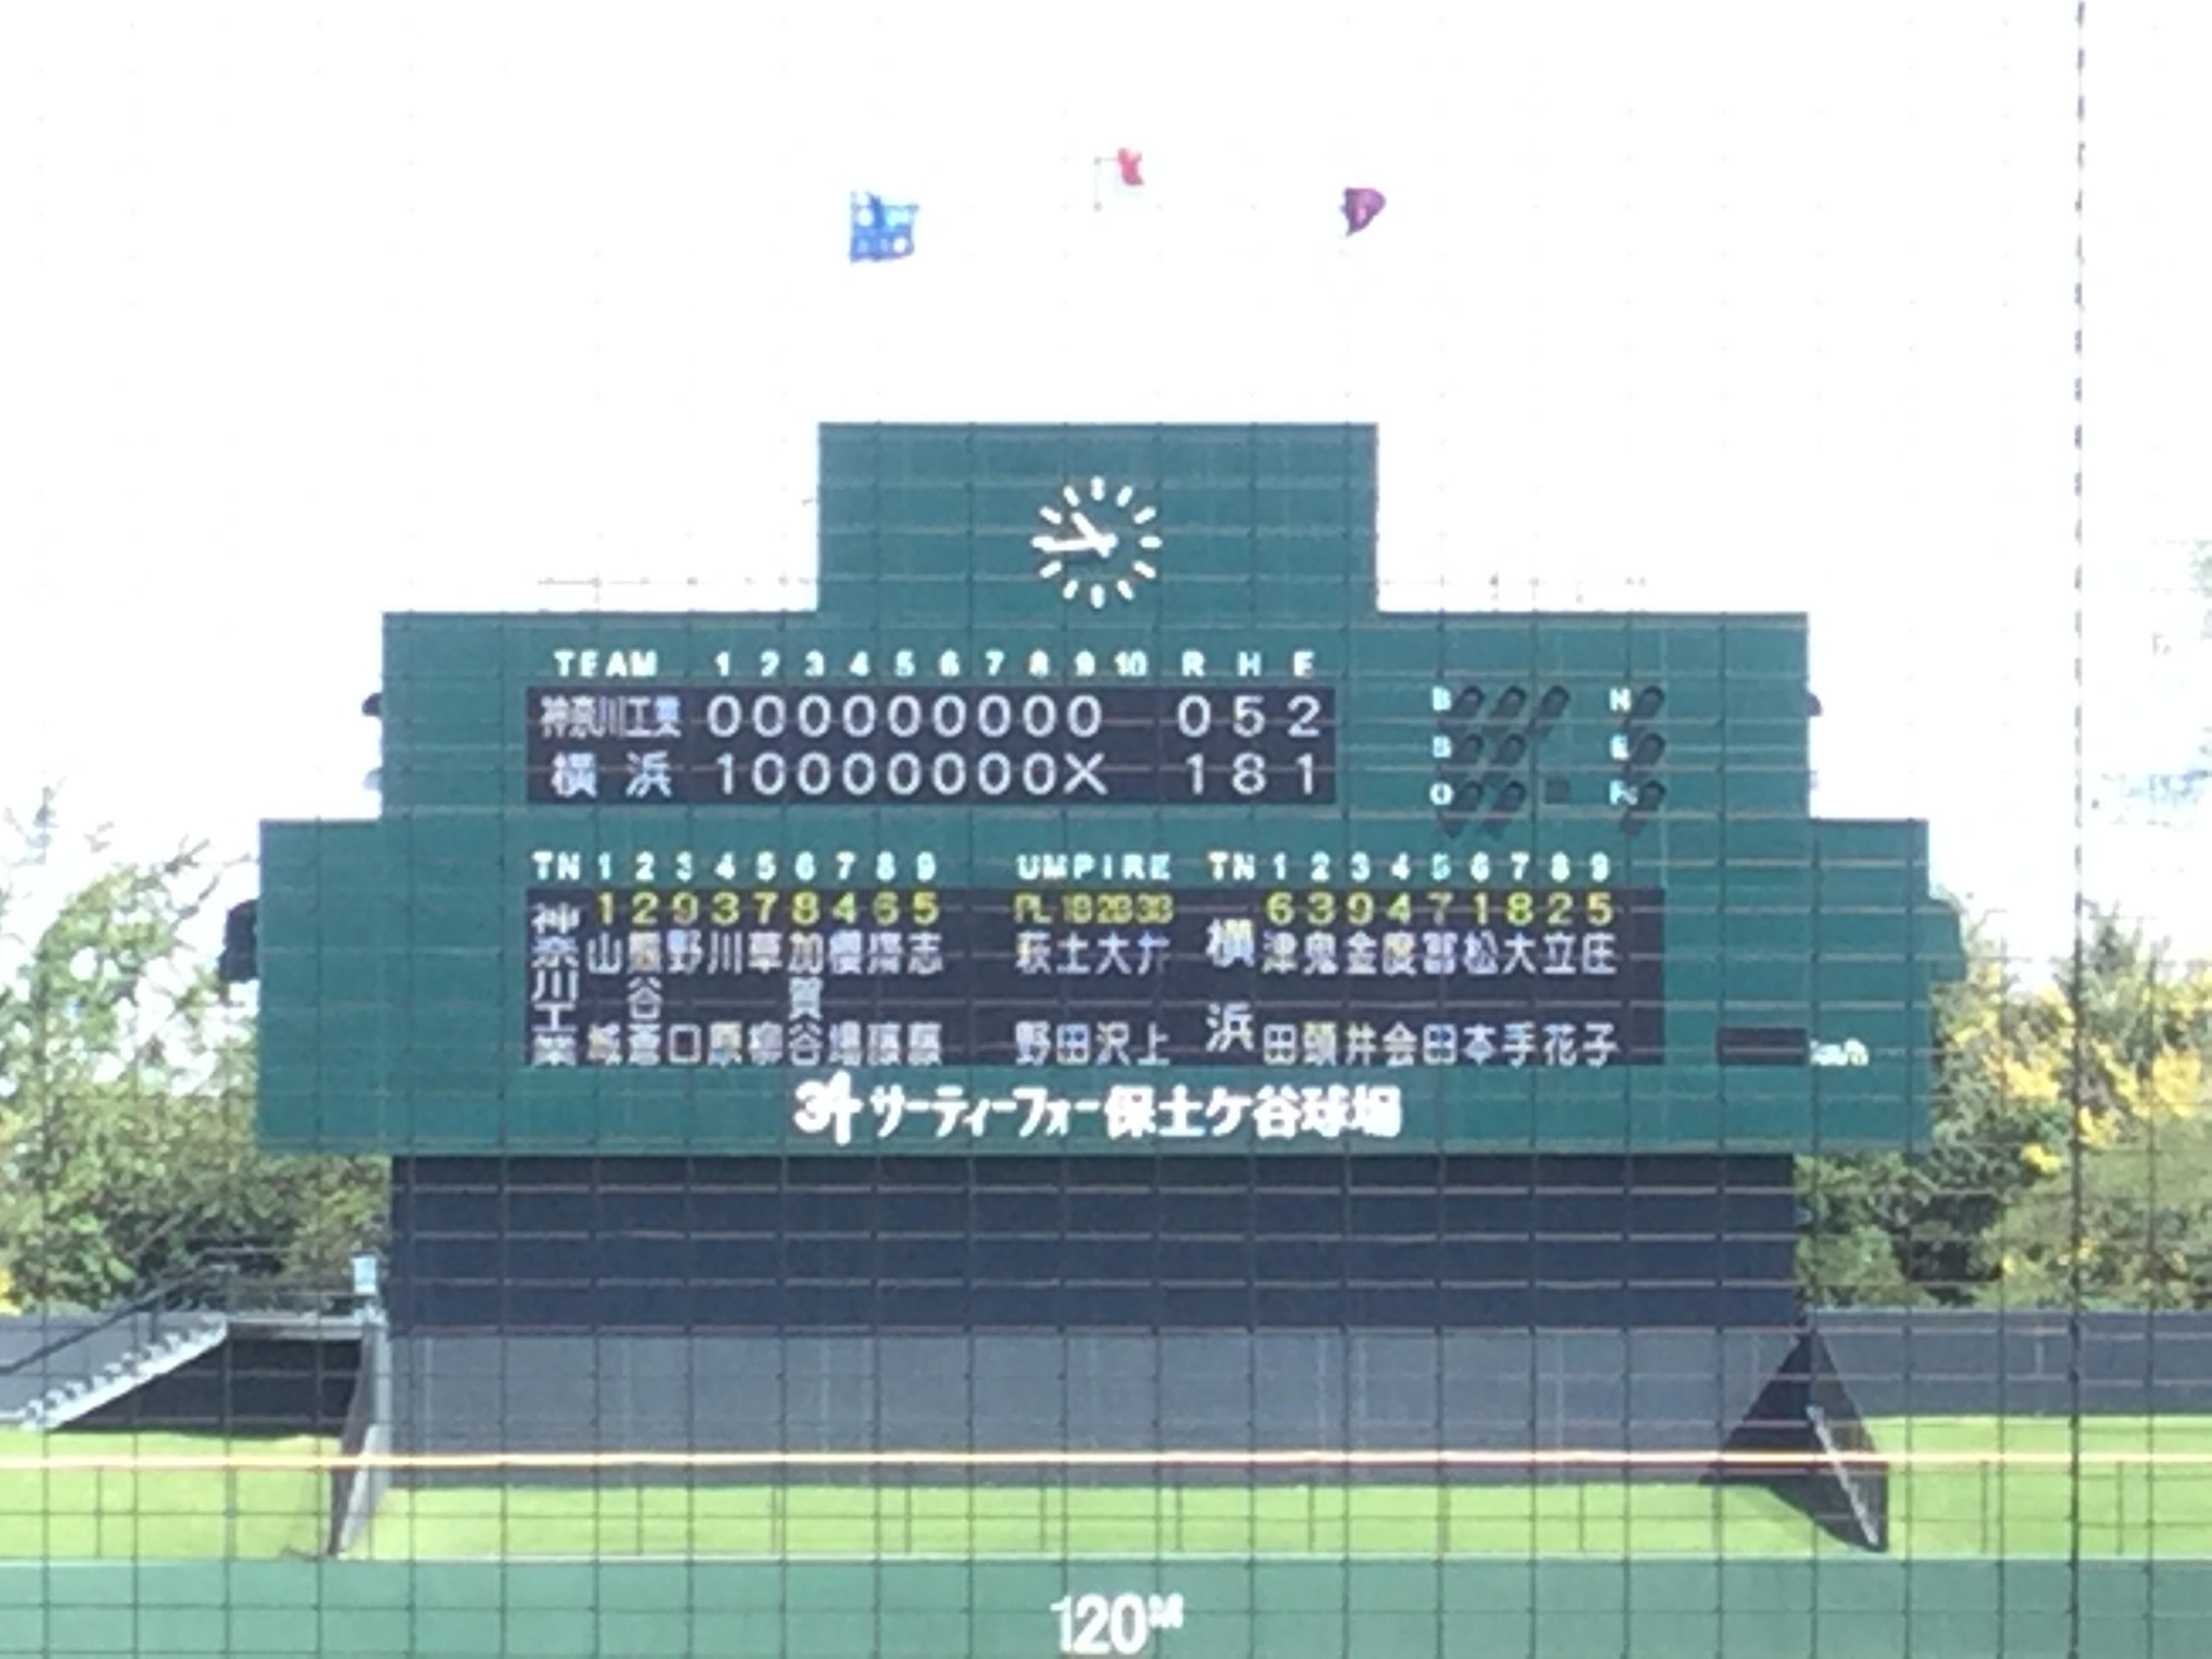 2019秋季神奈川県大会 横浜ベスト8進出